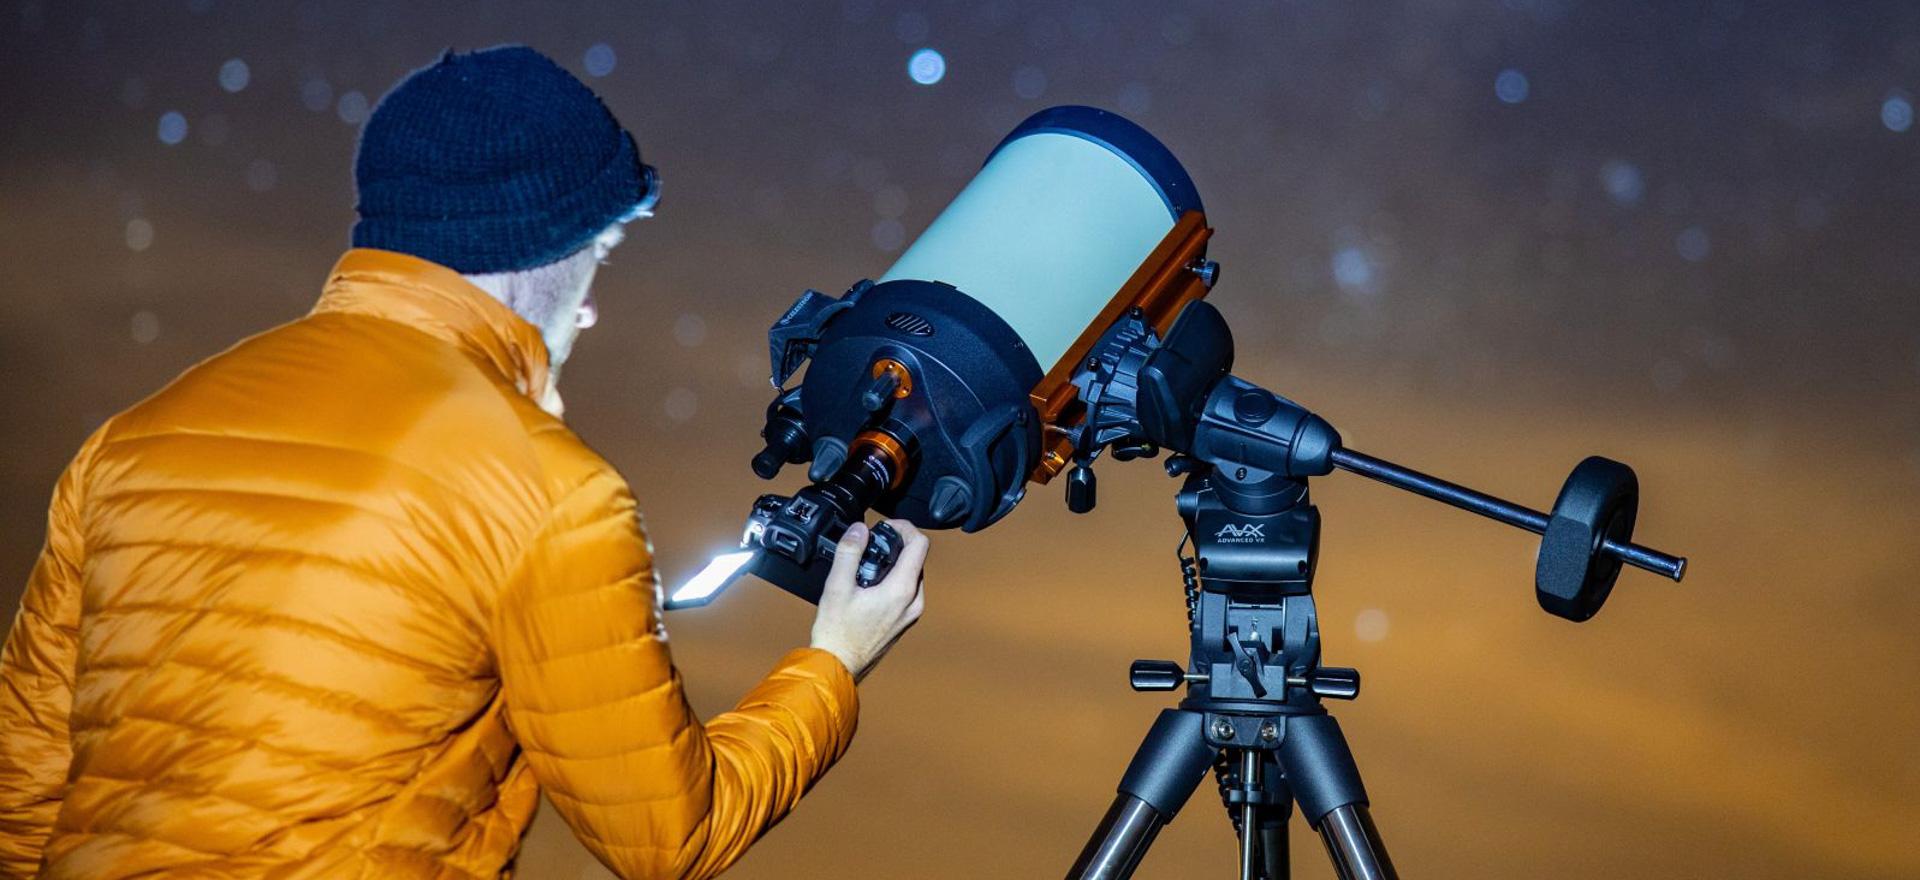 Hau Canon EOS Ra da - izarren argazkien markoa.  Xehetasun txiki batek alde handia eragiten du